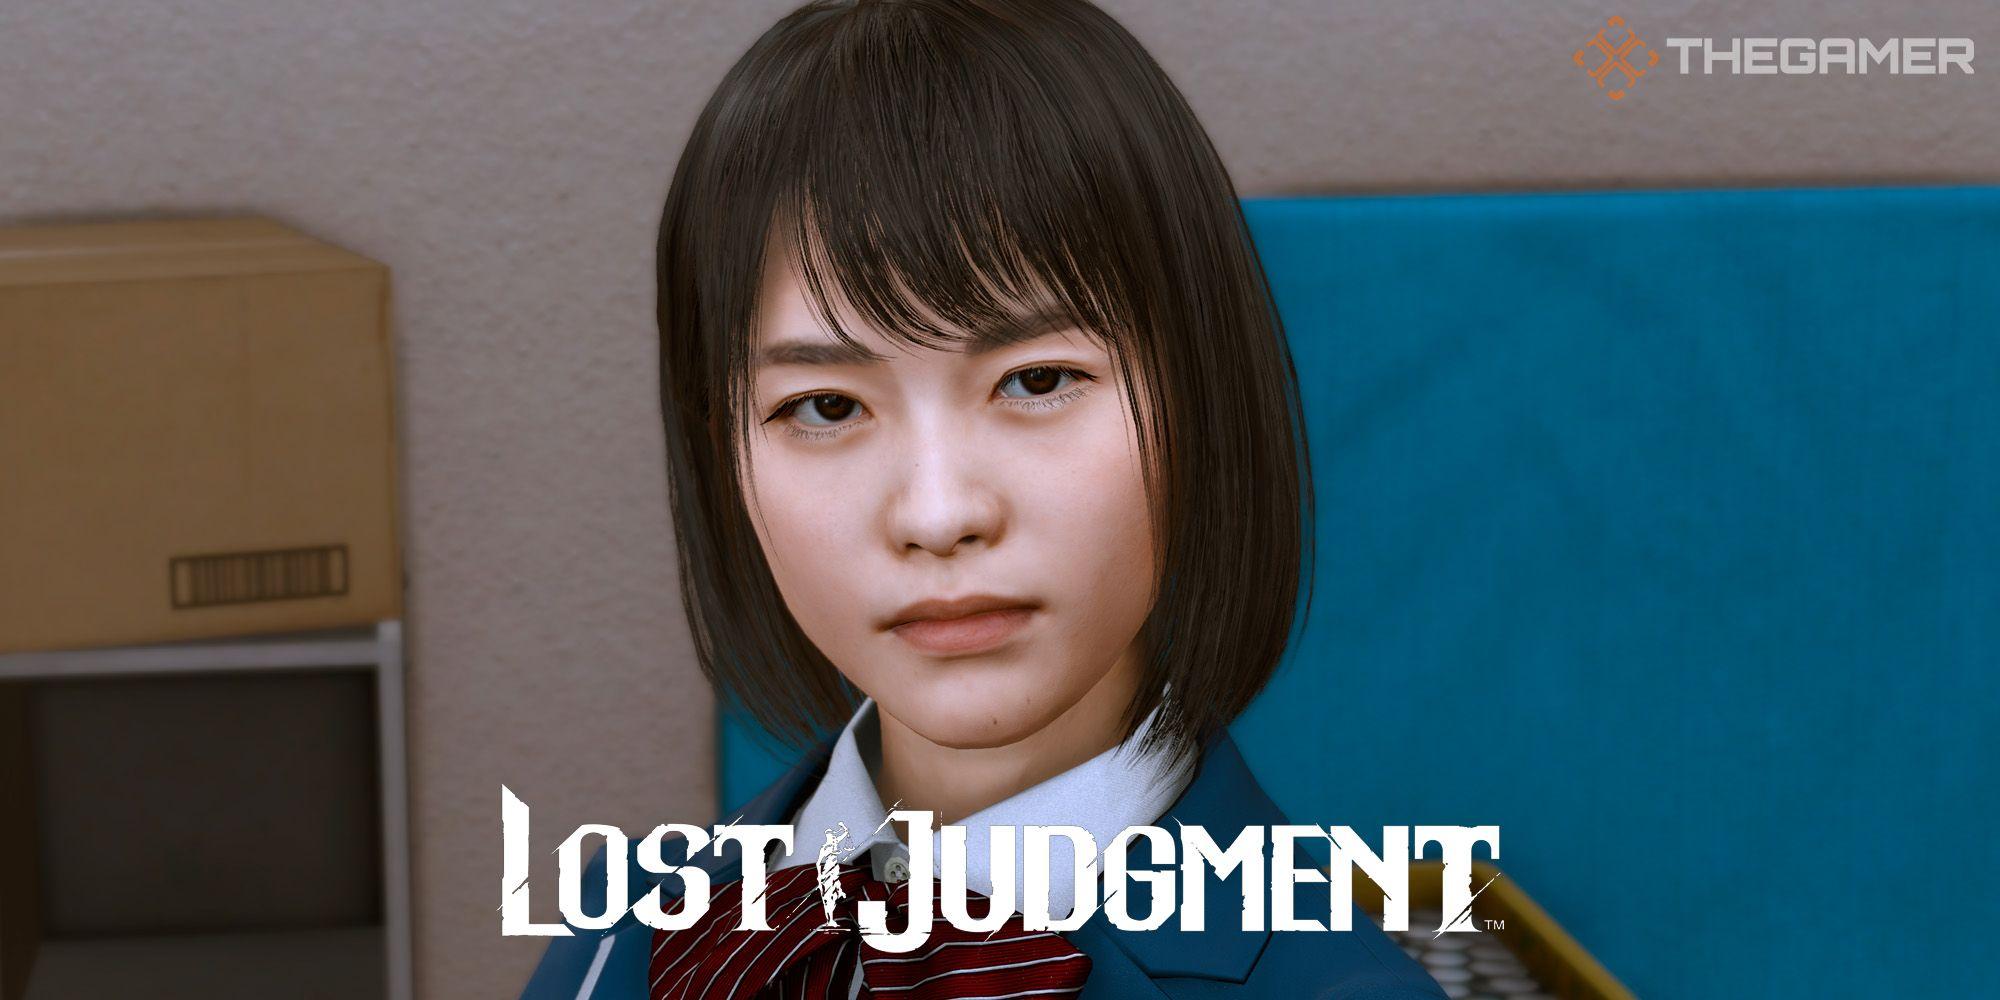 Juicio perdido: tutorial del capítulo dos